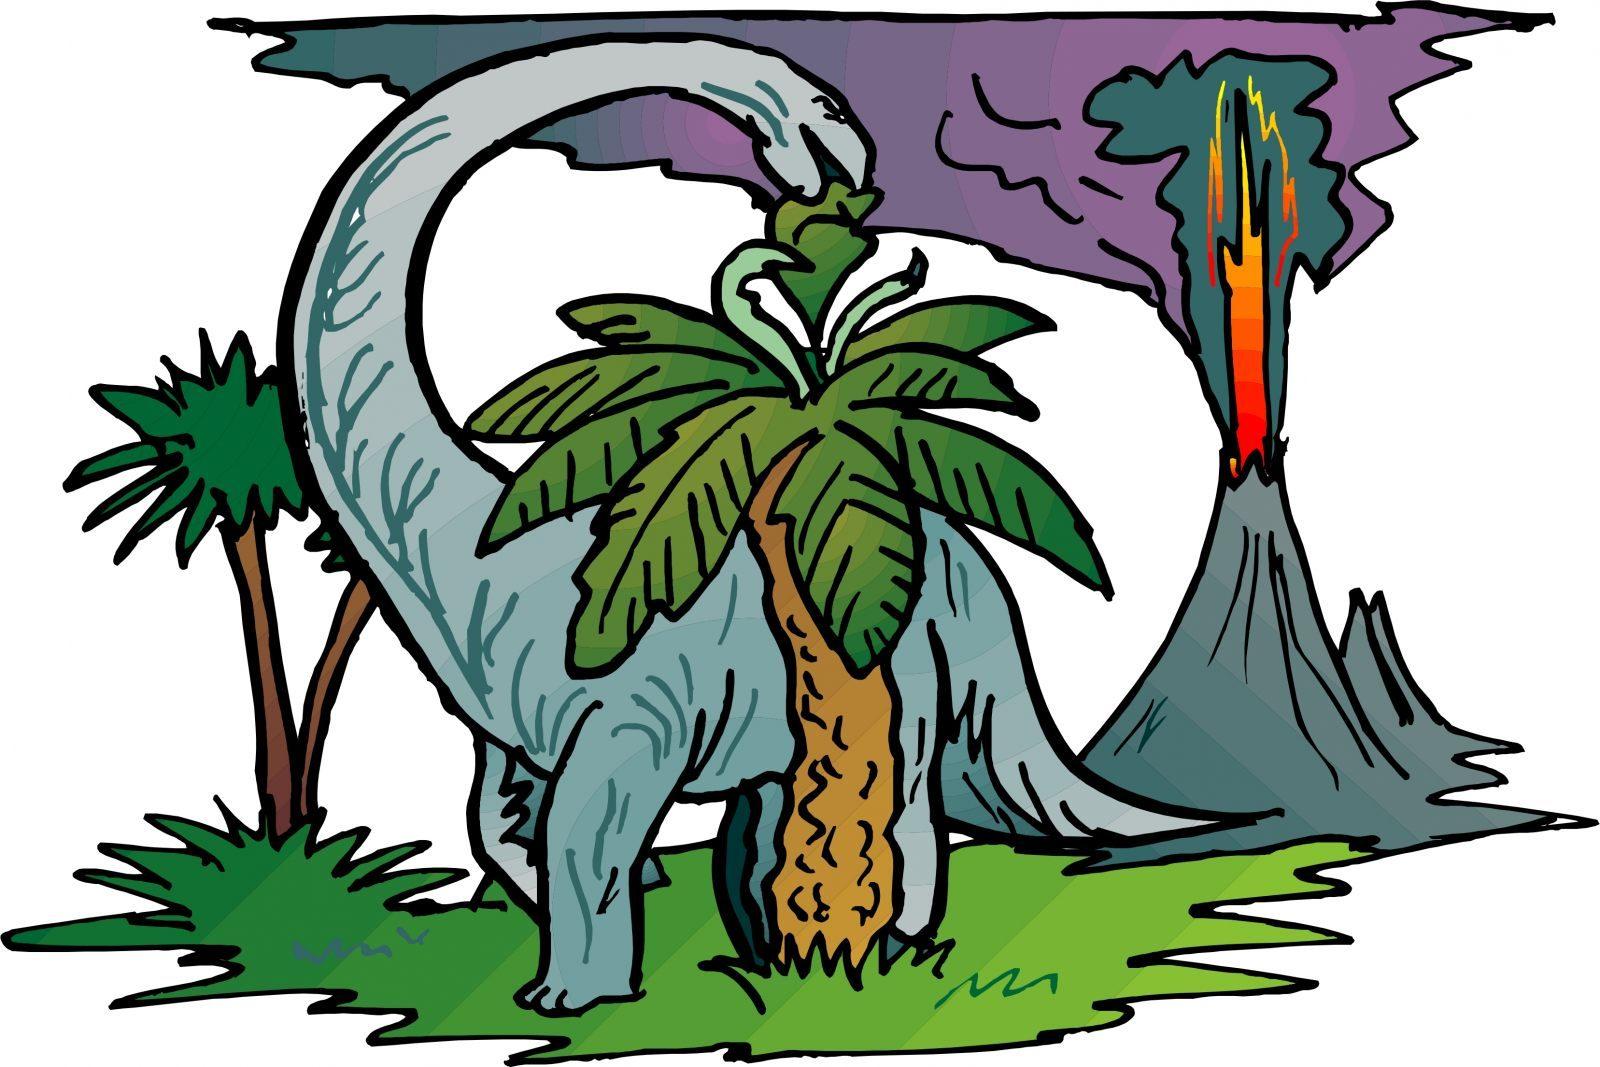 galer u00eda de im u00e1genes dibujos de dinosaurios barbie clip art images barbie clipart stencil